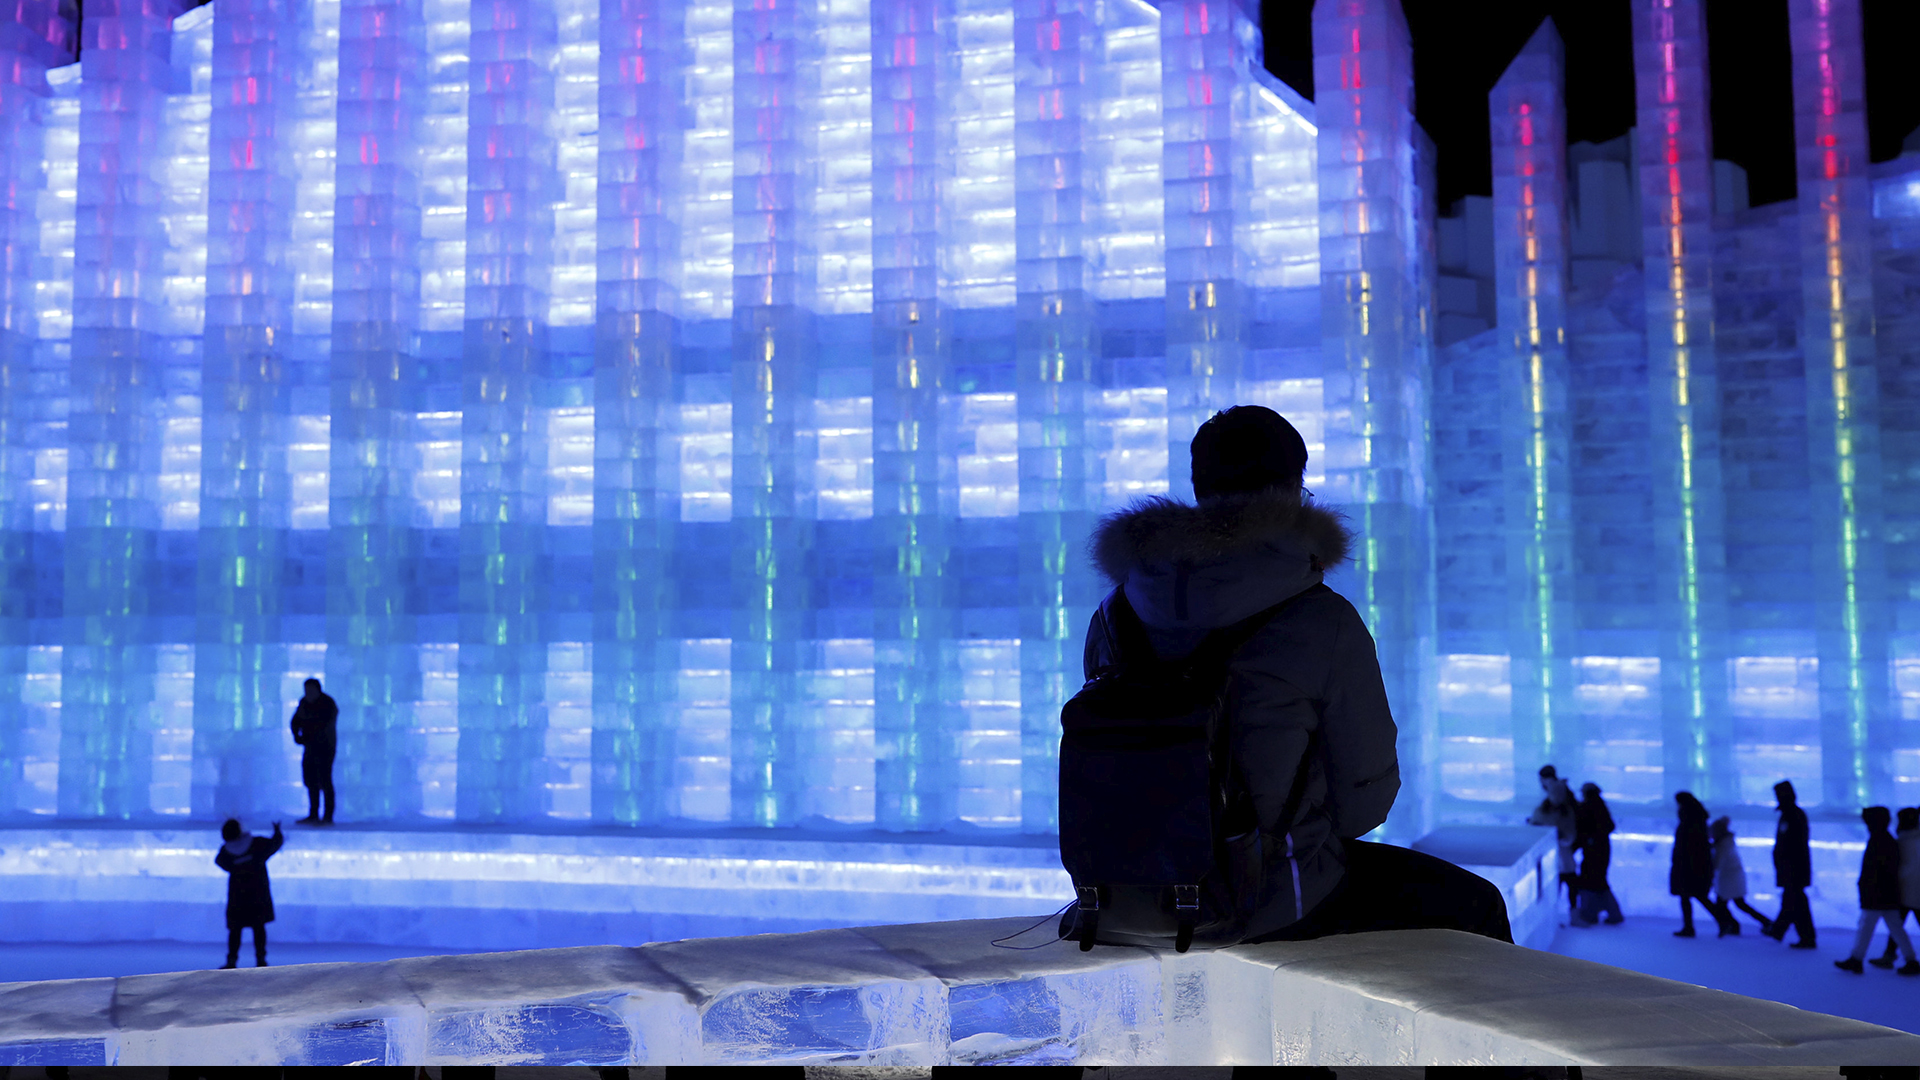 Un joven observa una enorme escultura de hielo en el festival de esculturas de hielo y nieve de Harbin